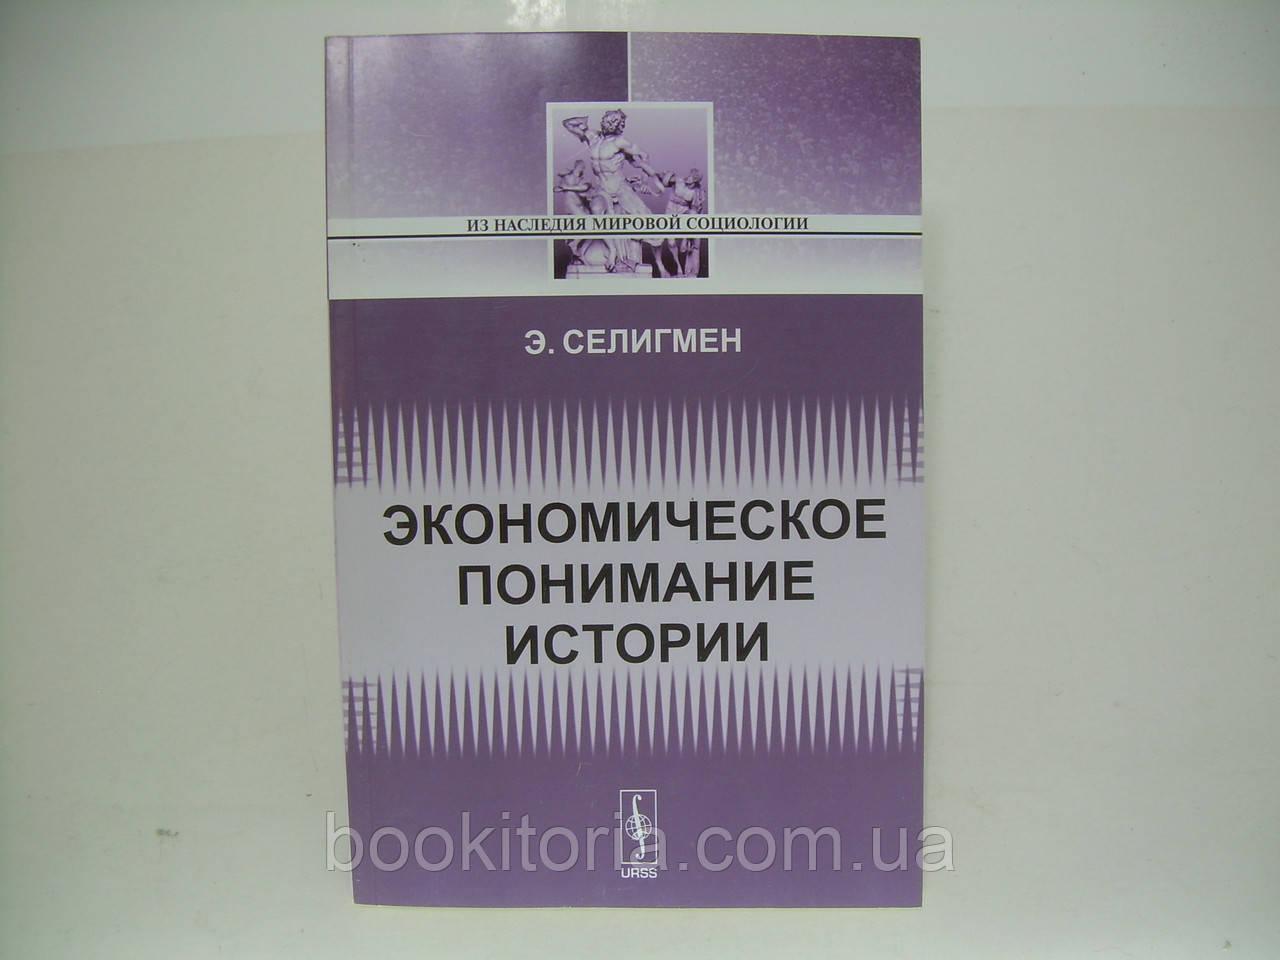 Селигмен Э. Экономическое понимание истории (б/у).